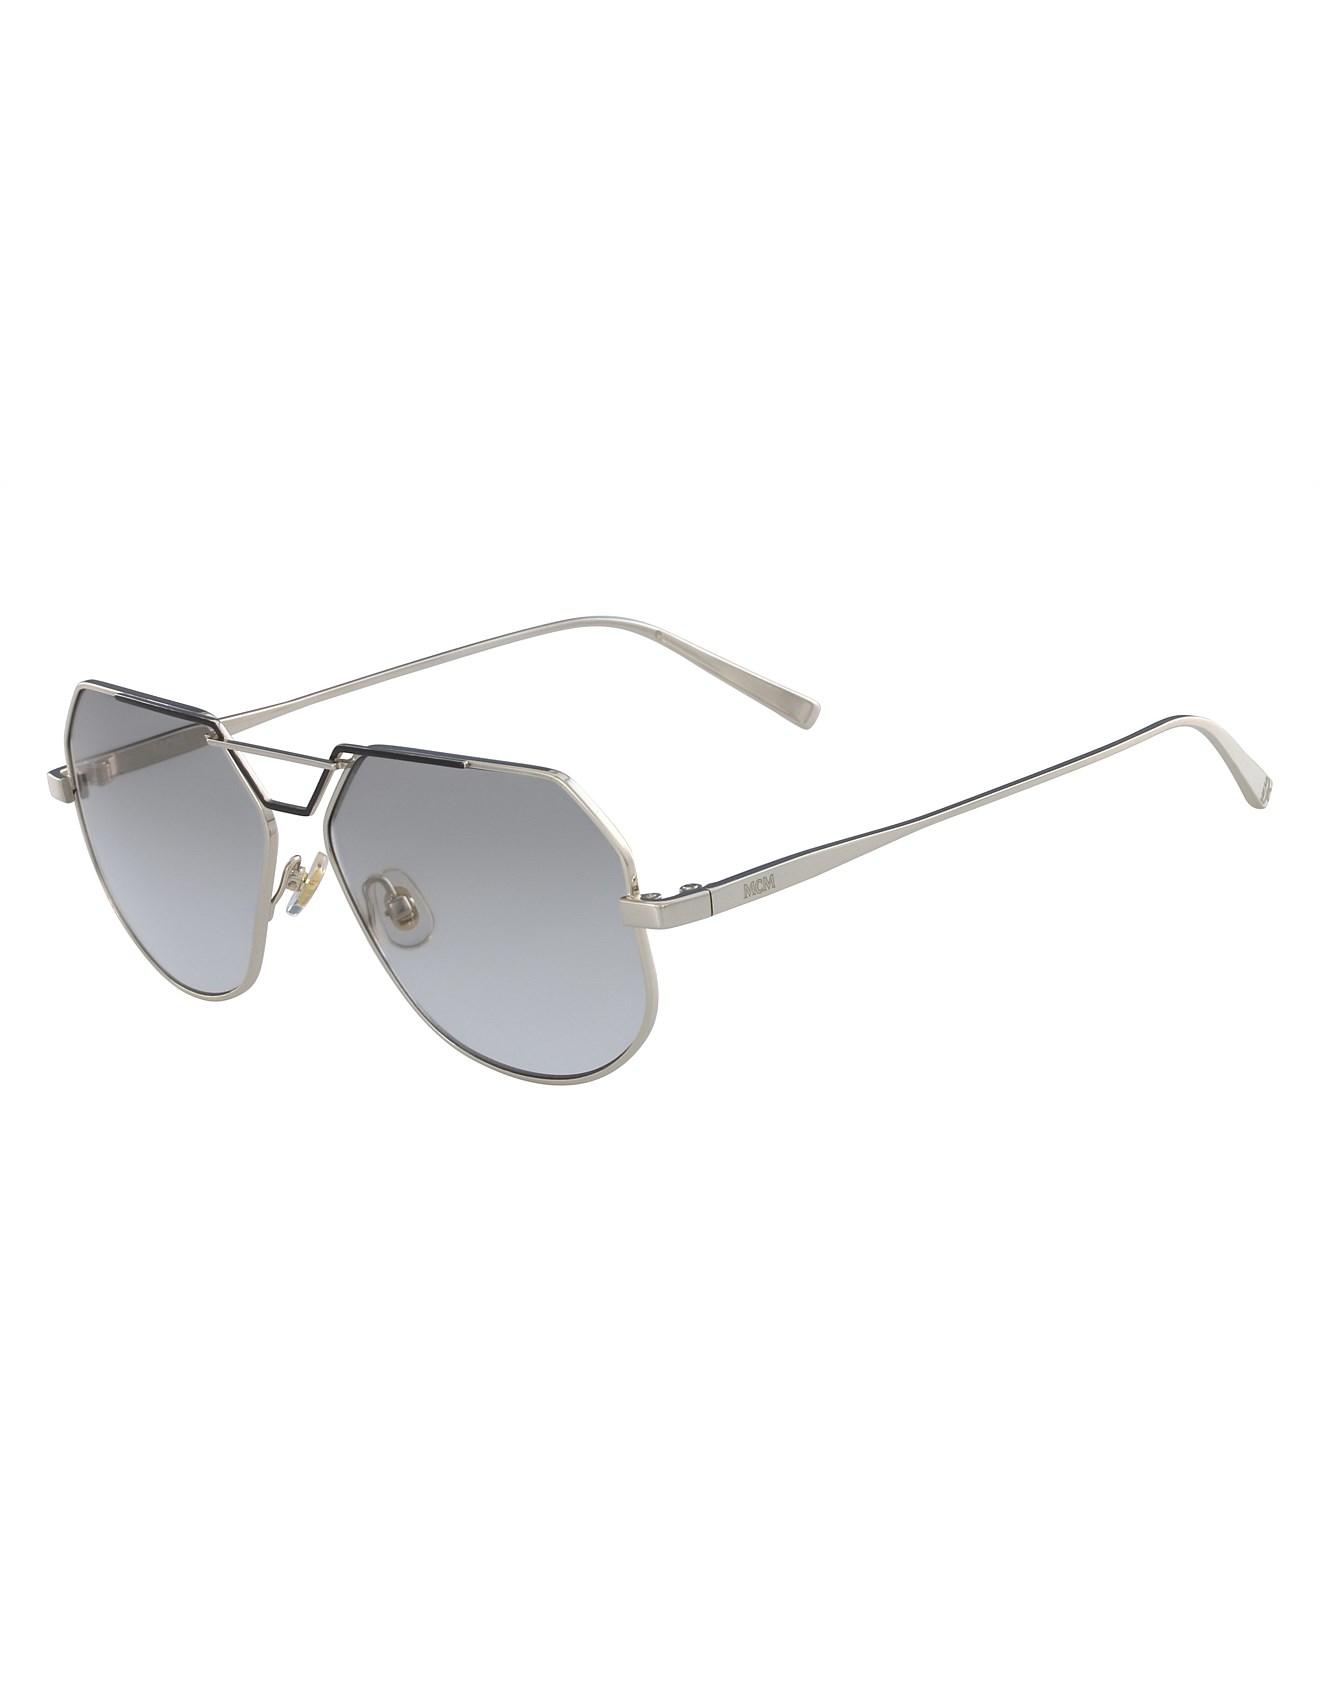 fcac5ab424e0 Men's Sunglasses   Designer Sunglasses Online   David Jones - MCM ...